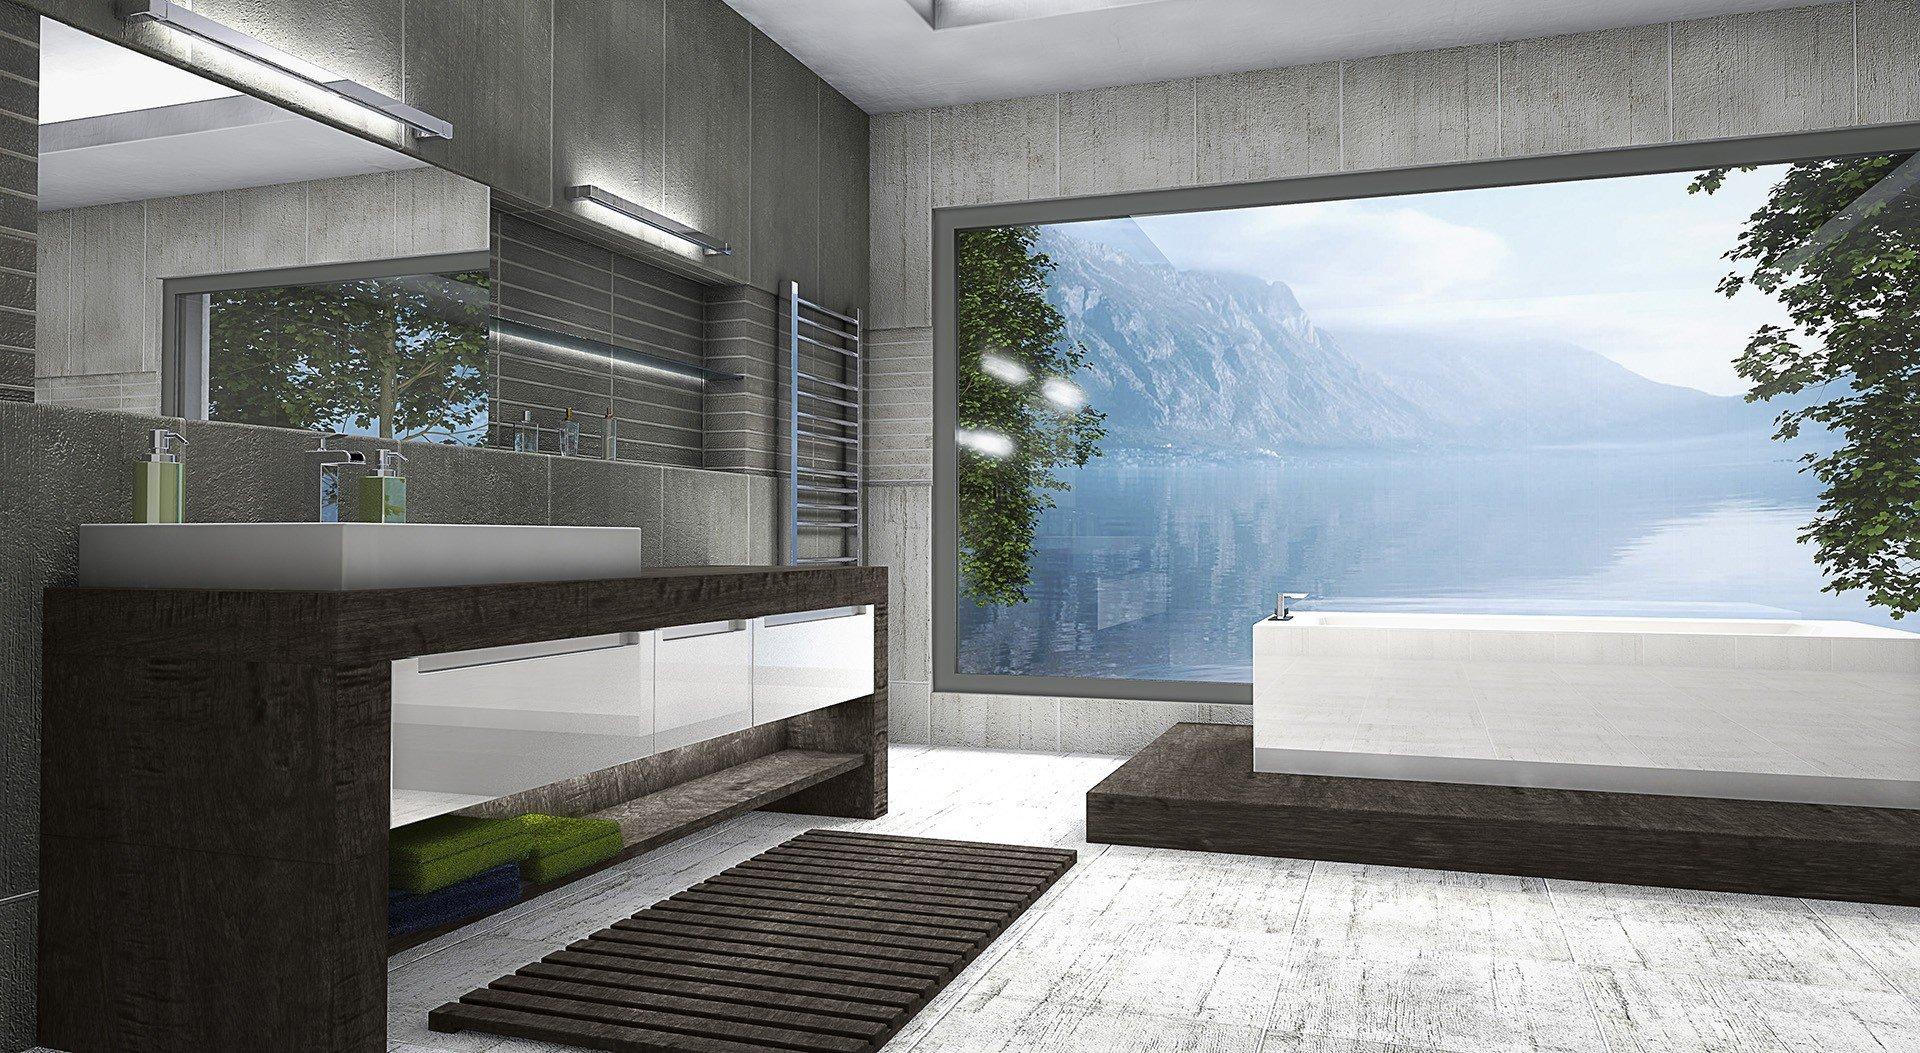 drutex s a aluminiumfenster mb 70. Black Bedroom Furniture Sets. Home Design Ideas